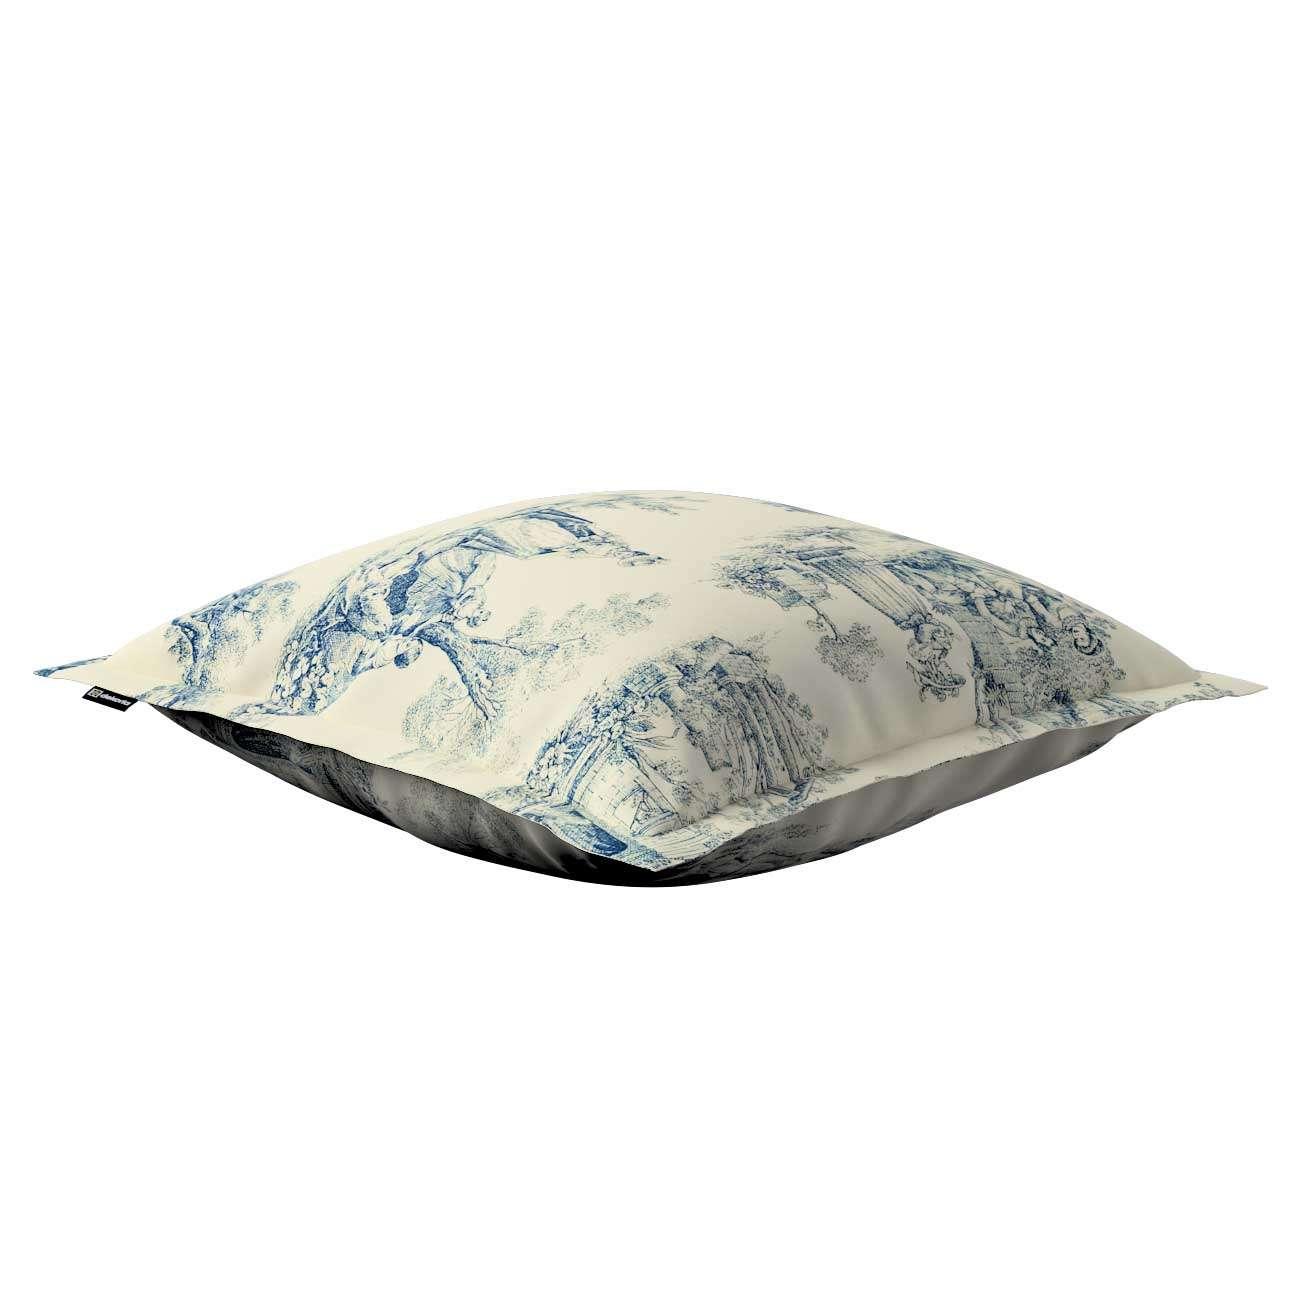 Poszewka Mona na poduszkę 38x38 cm w kolekcji Avinon, tkanina: 132-66